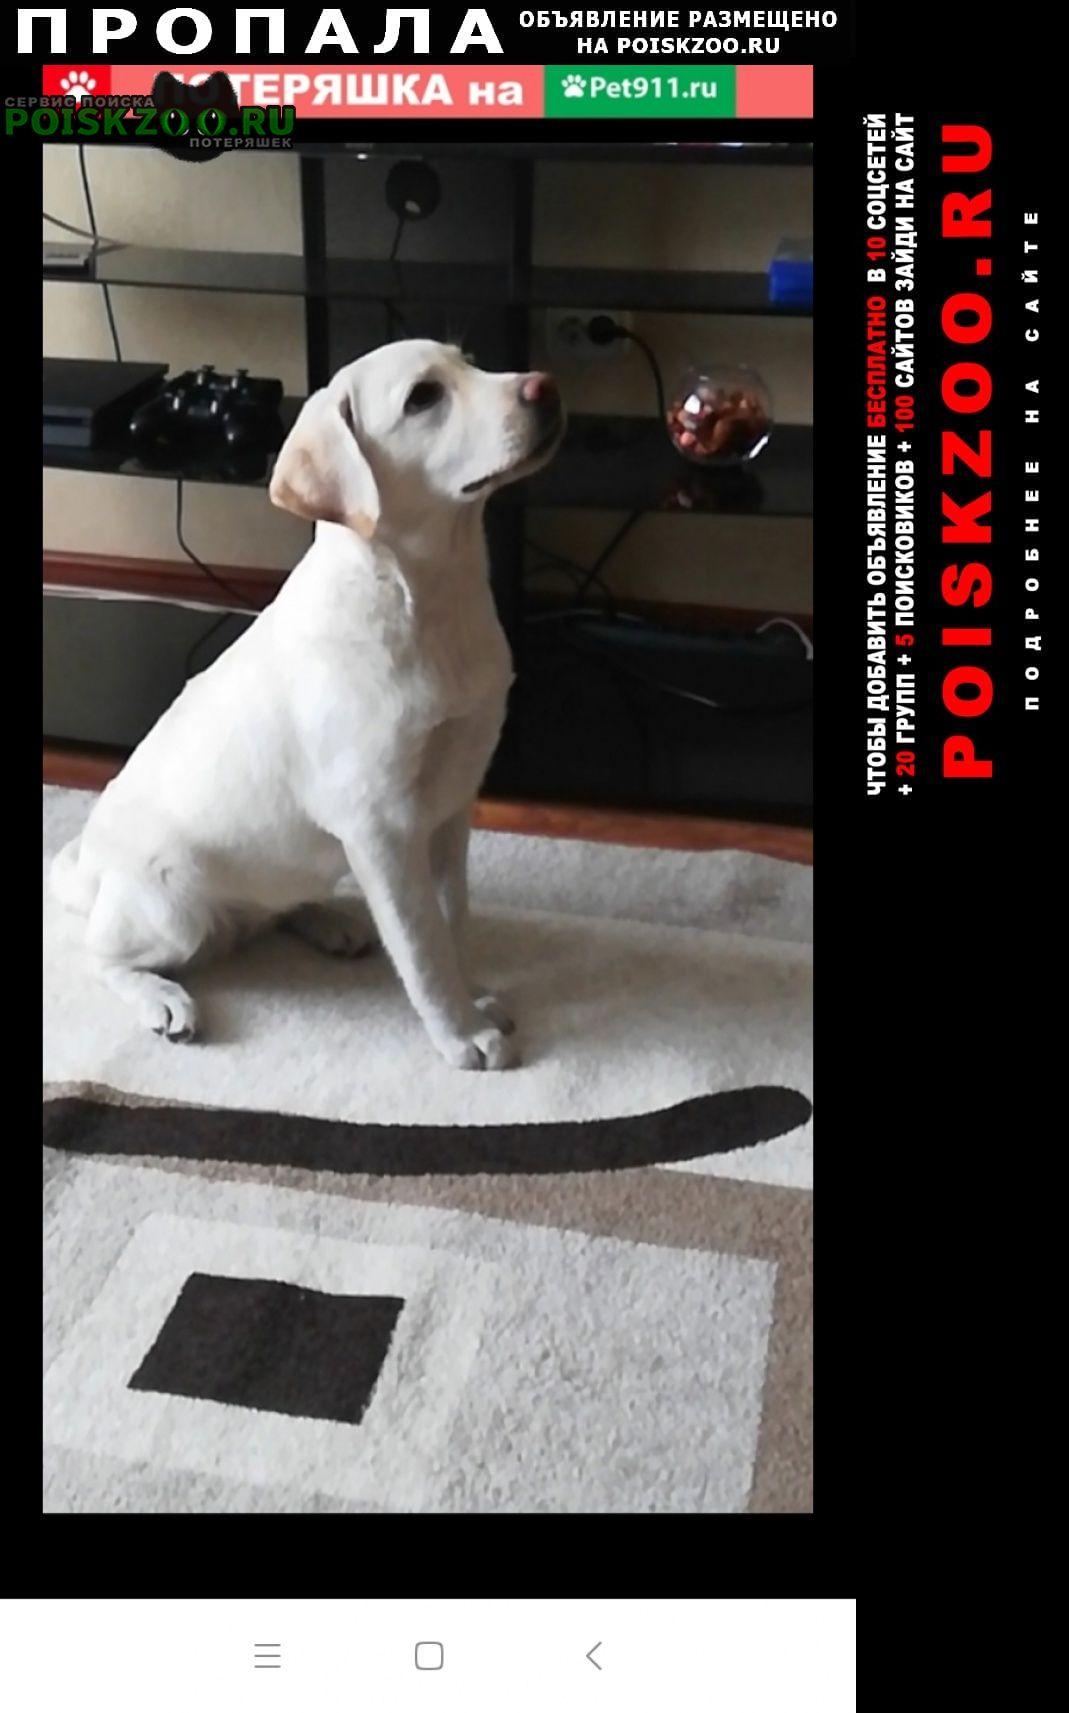 Пропала собака помогите найти собаку Омск